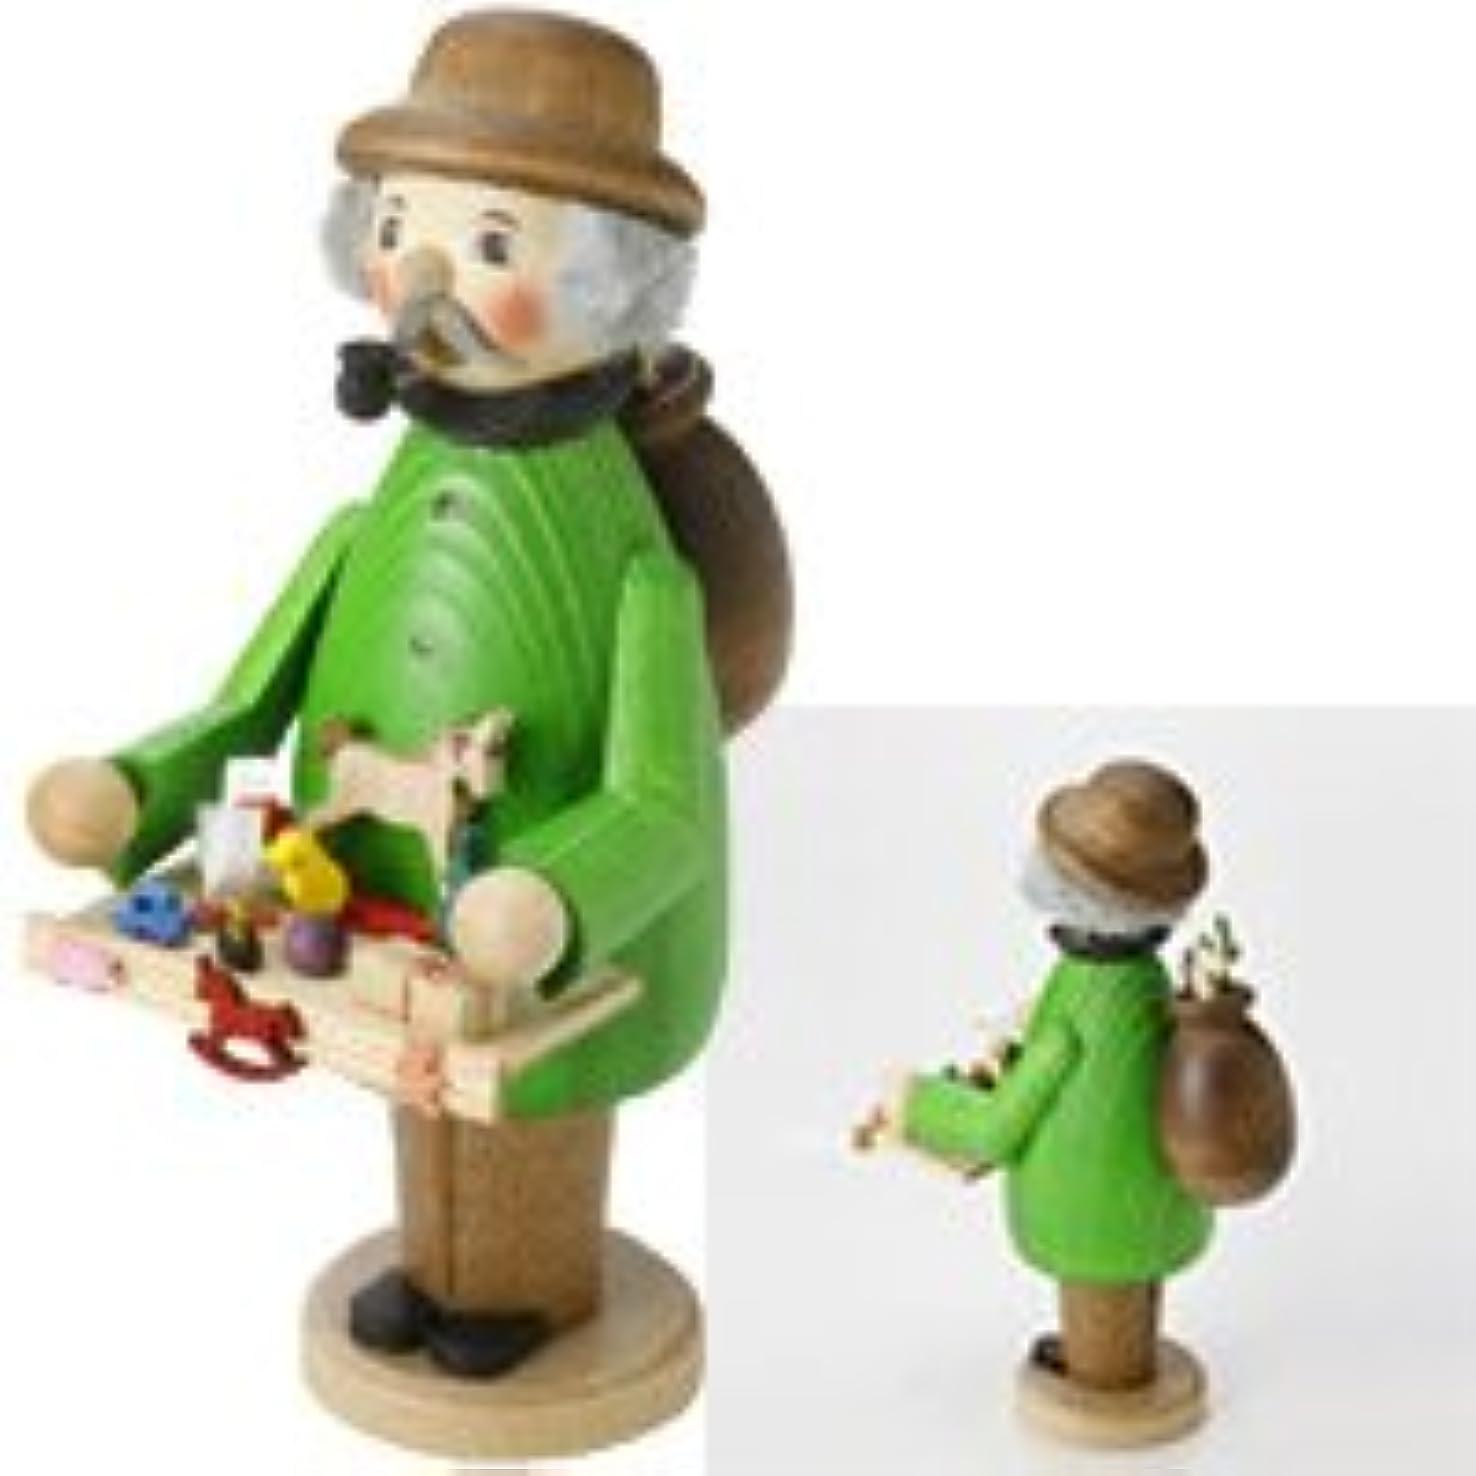 プット悪因子飾るクーネルト インセンススタンド(香皿) パイプマン MINI ミニおもちゃ売りB